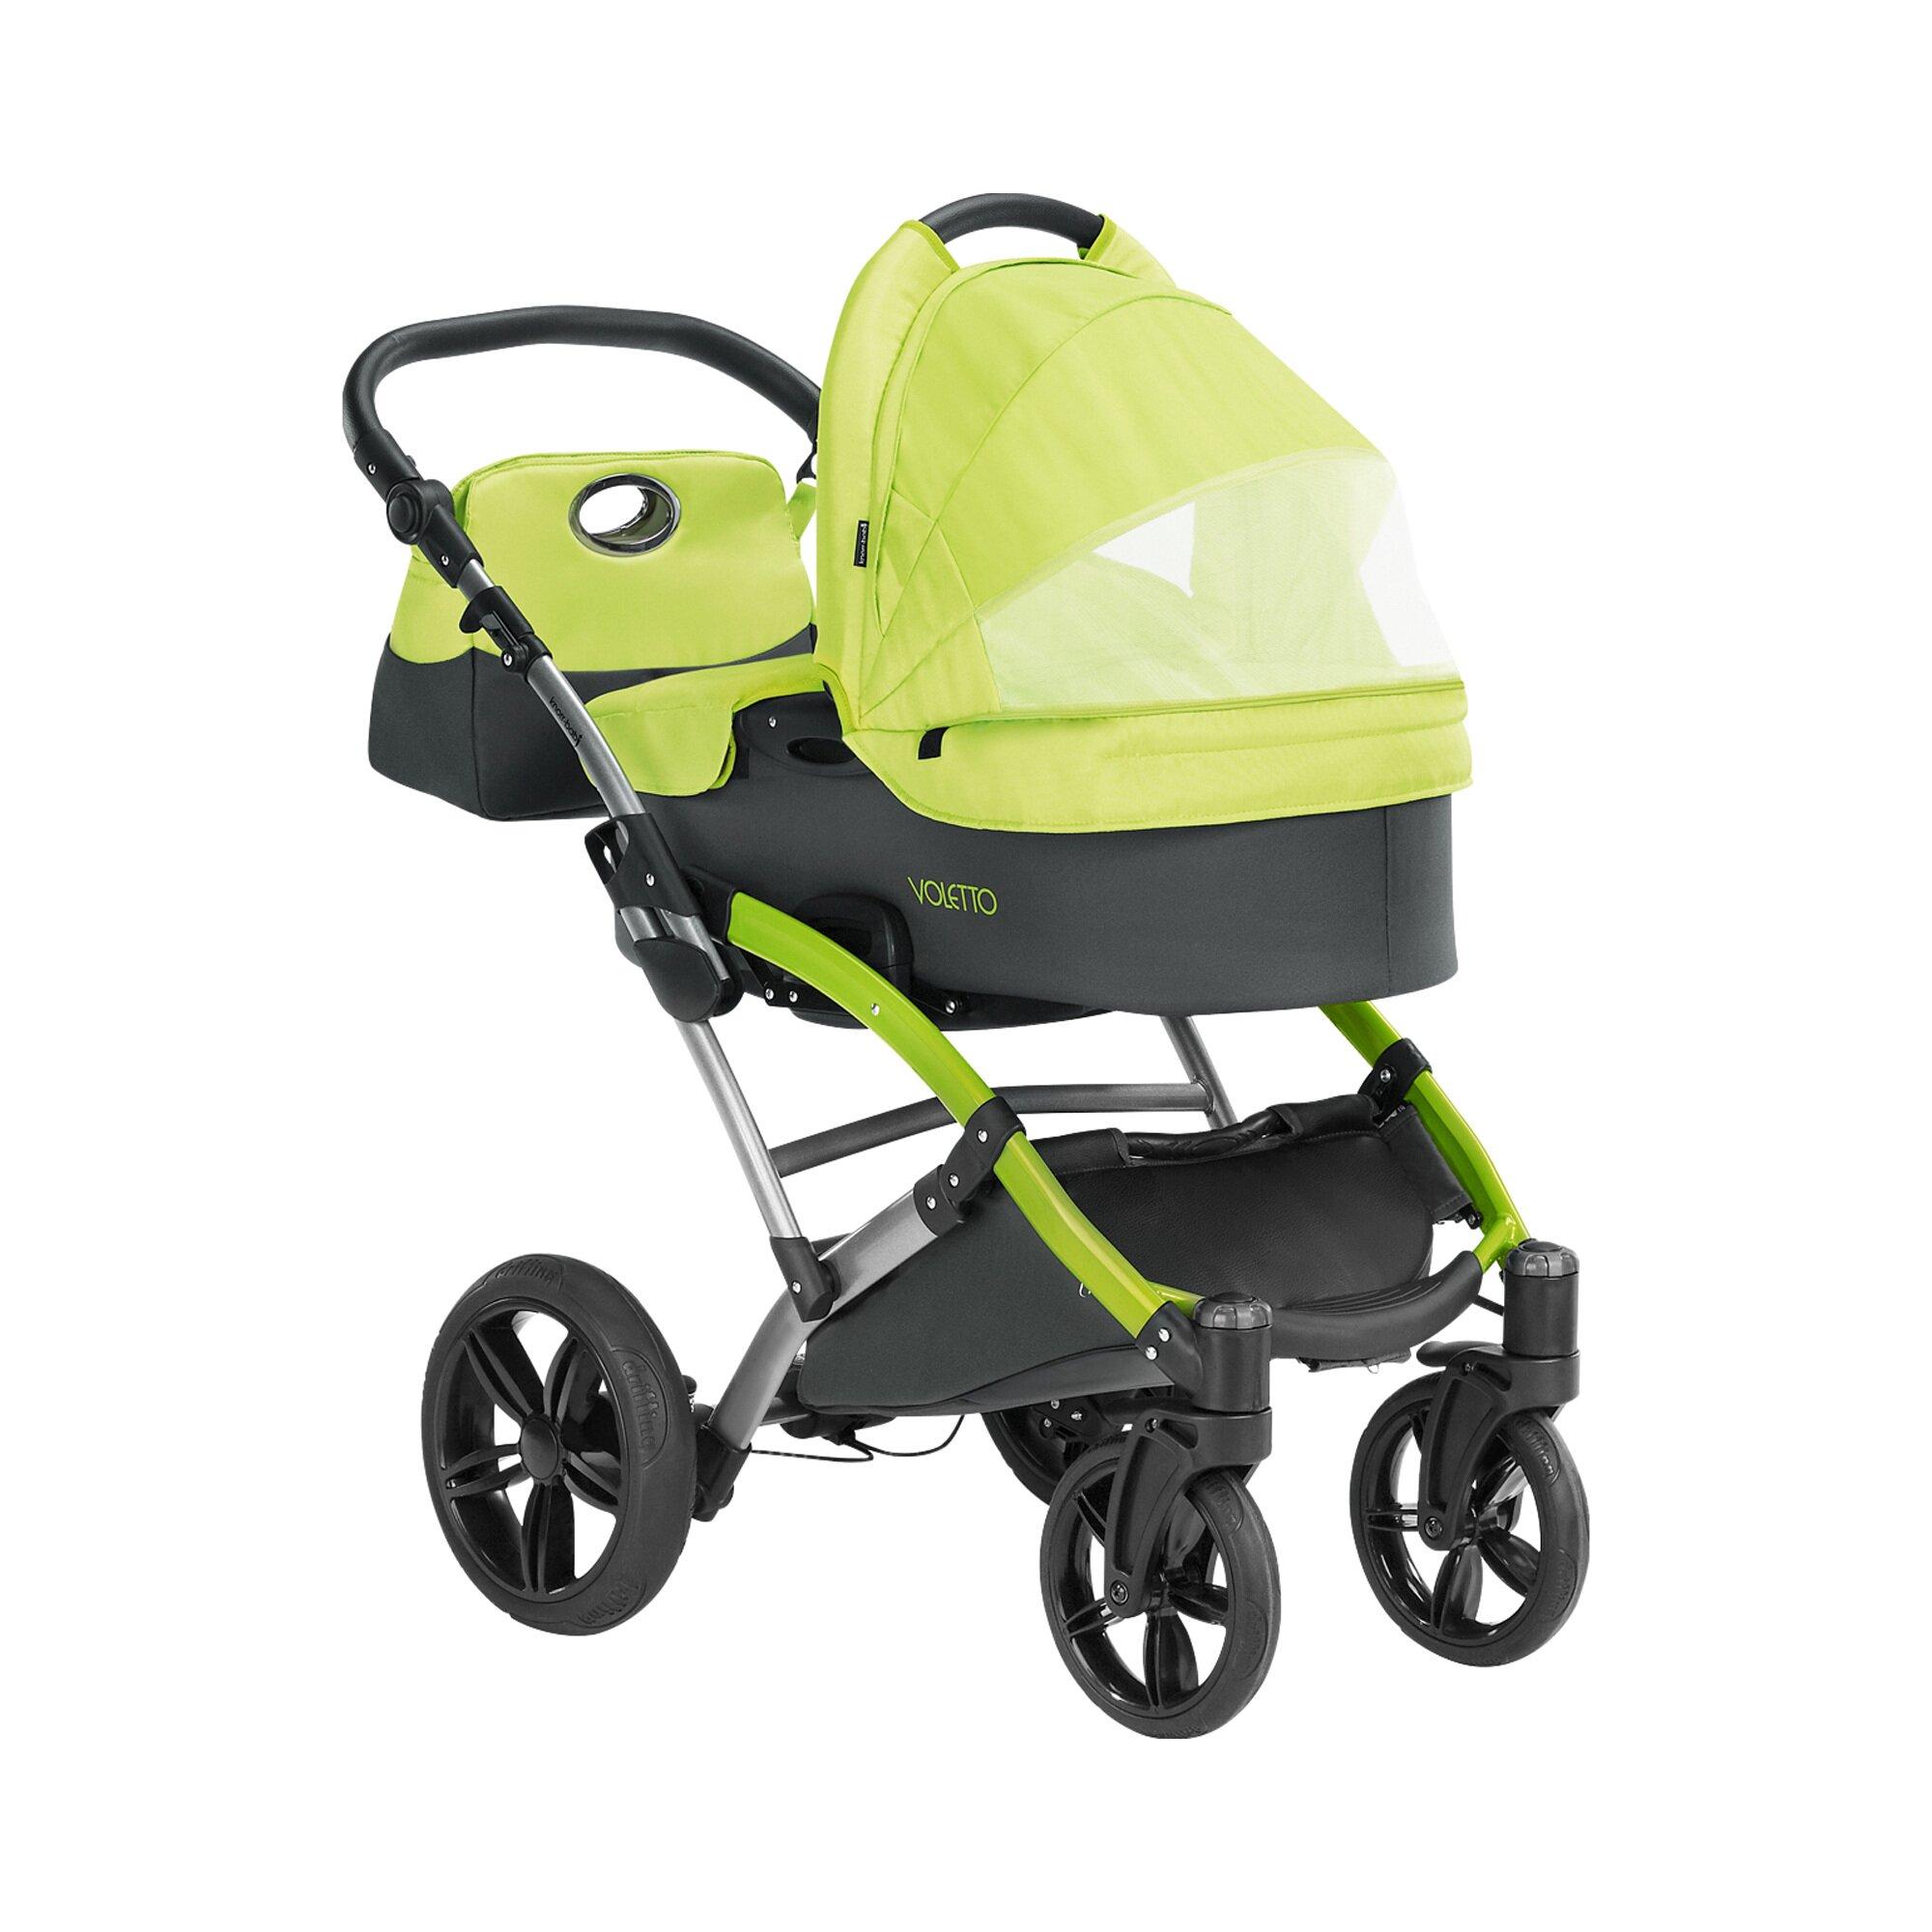 knorr-baby-kombikinderwagen-voletto-sport-grau